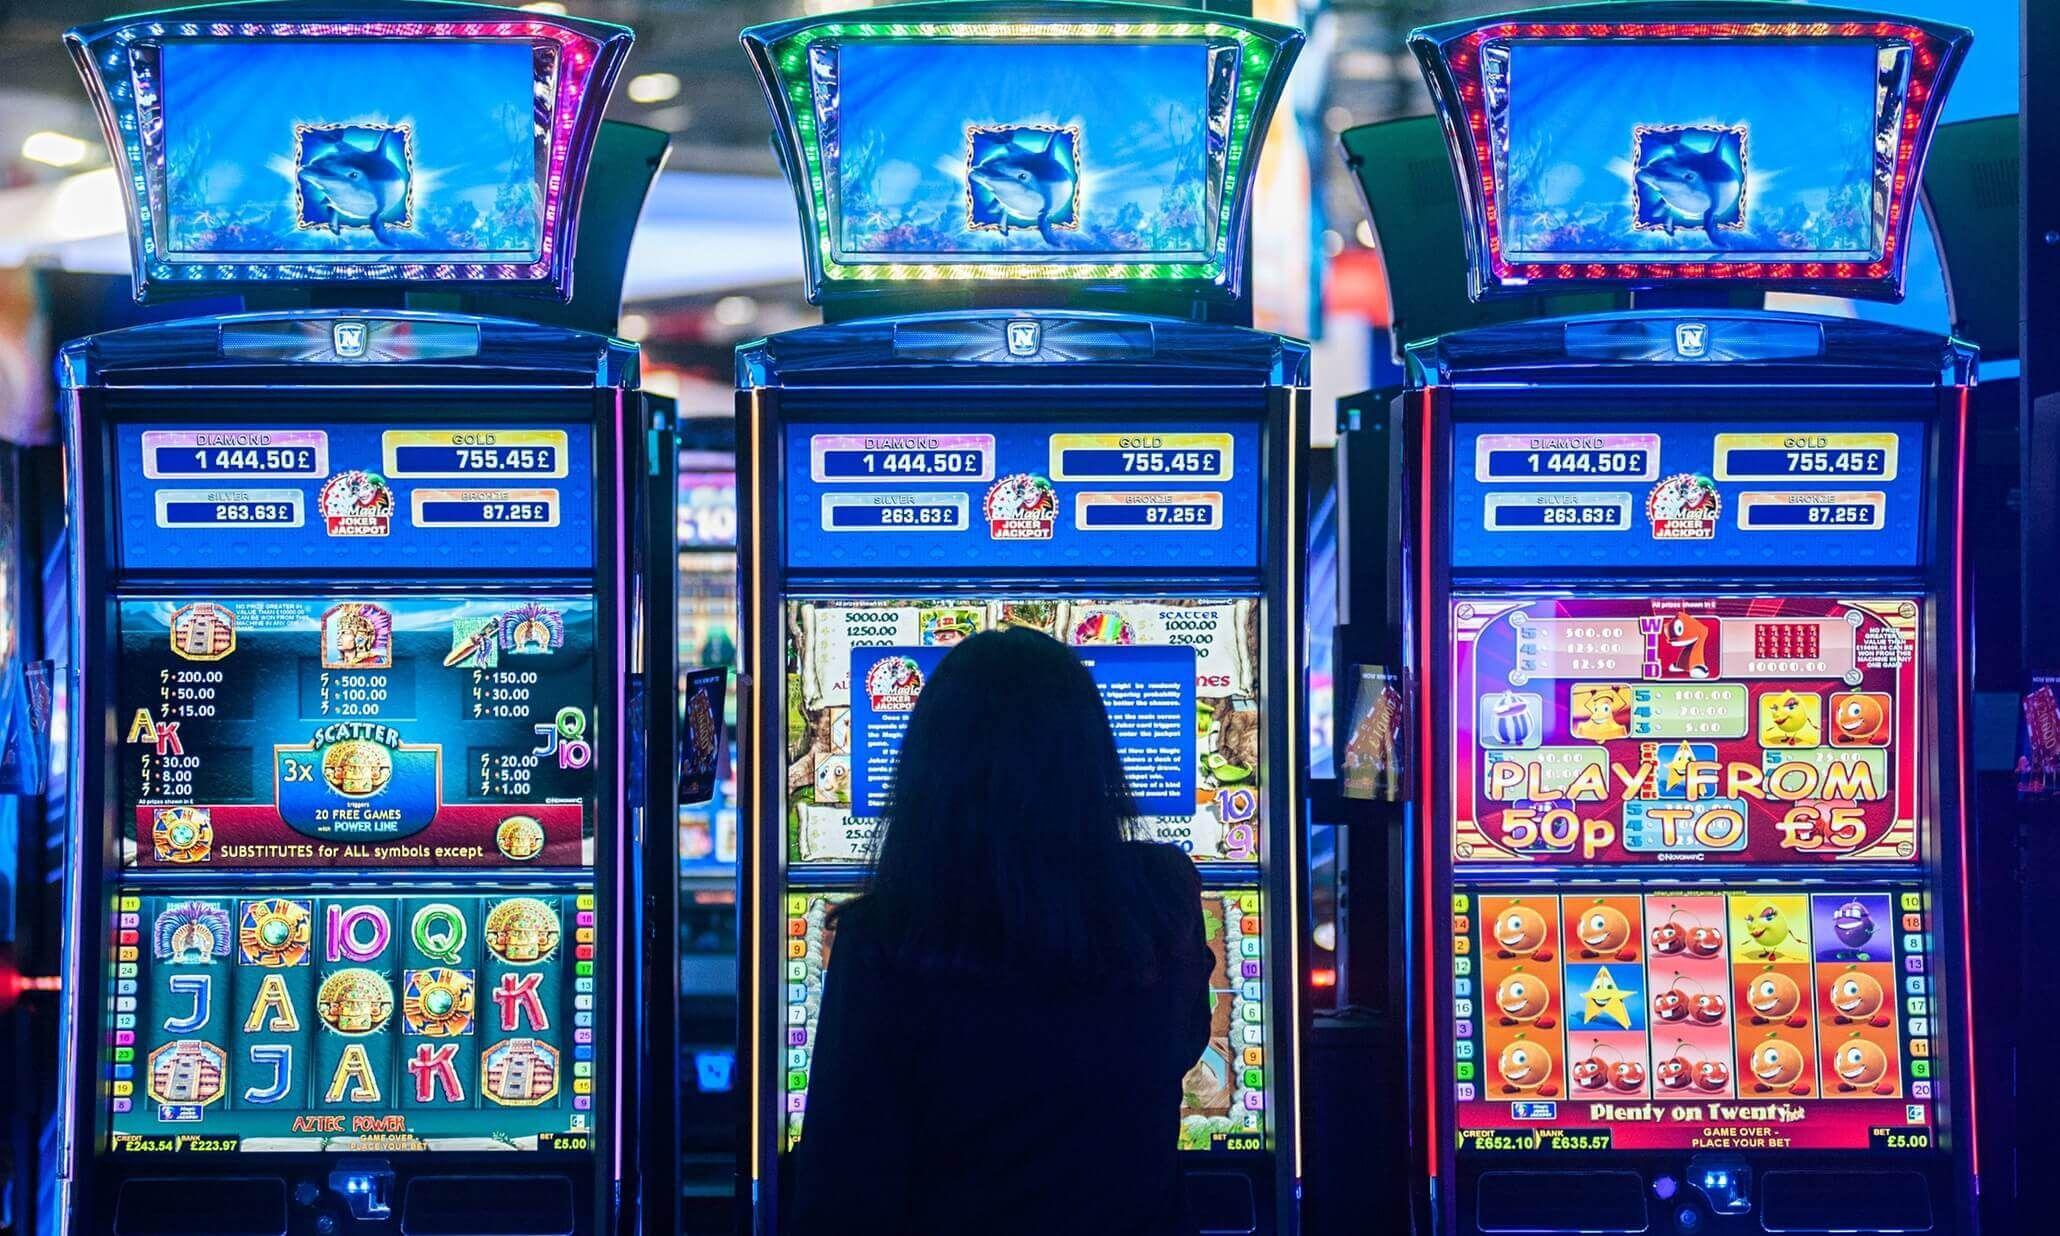 Найти все игры казино игральных автоматов чат рулетка россия девушки онлайн